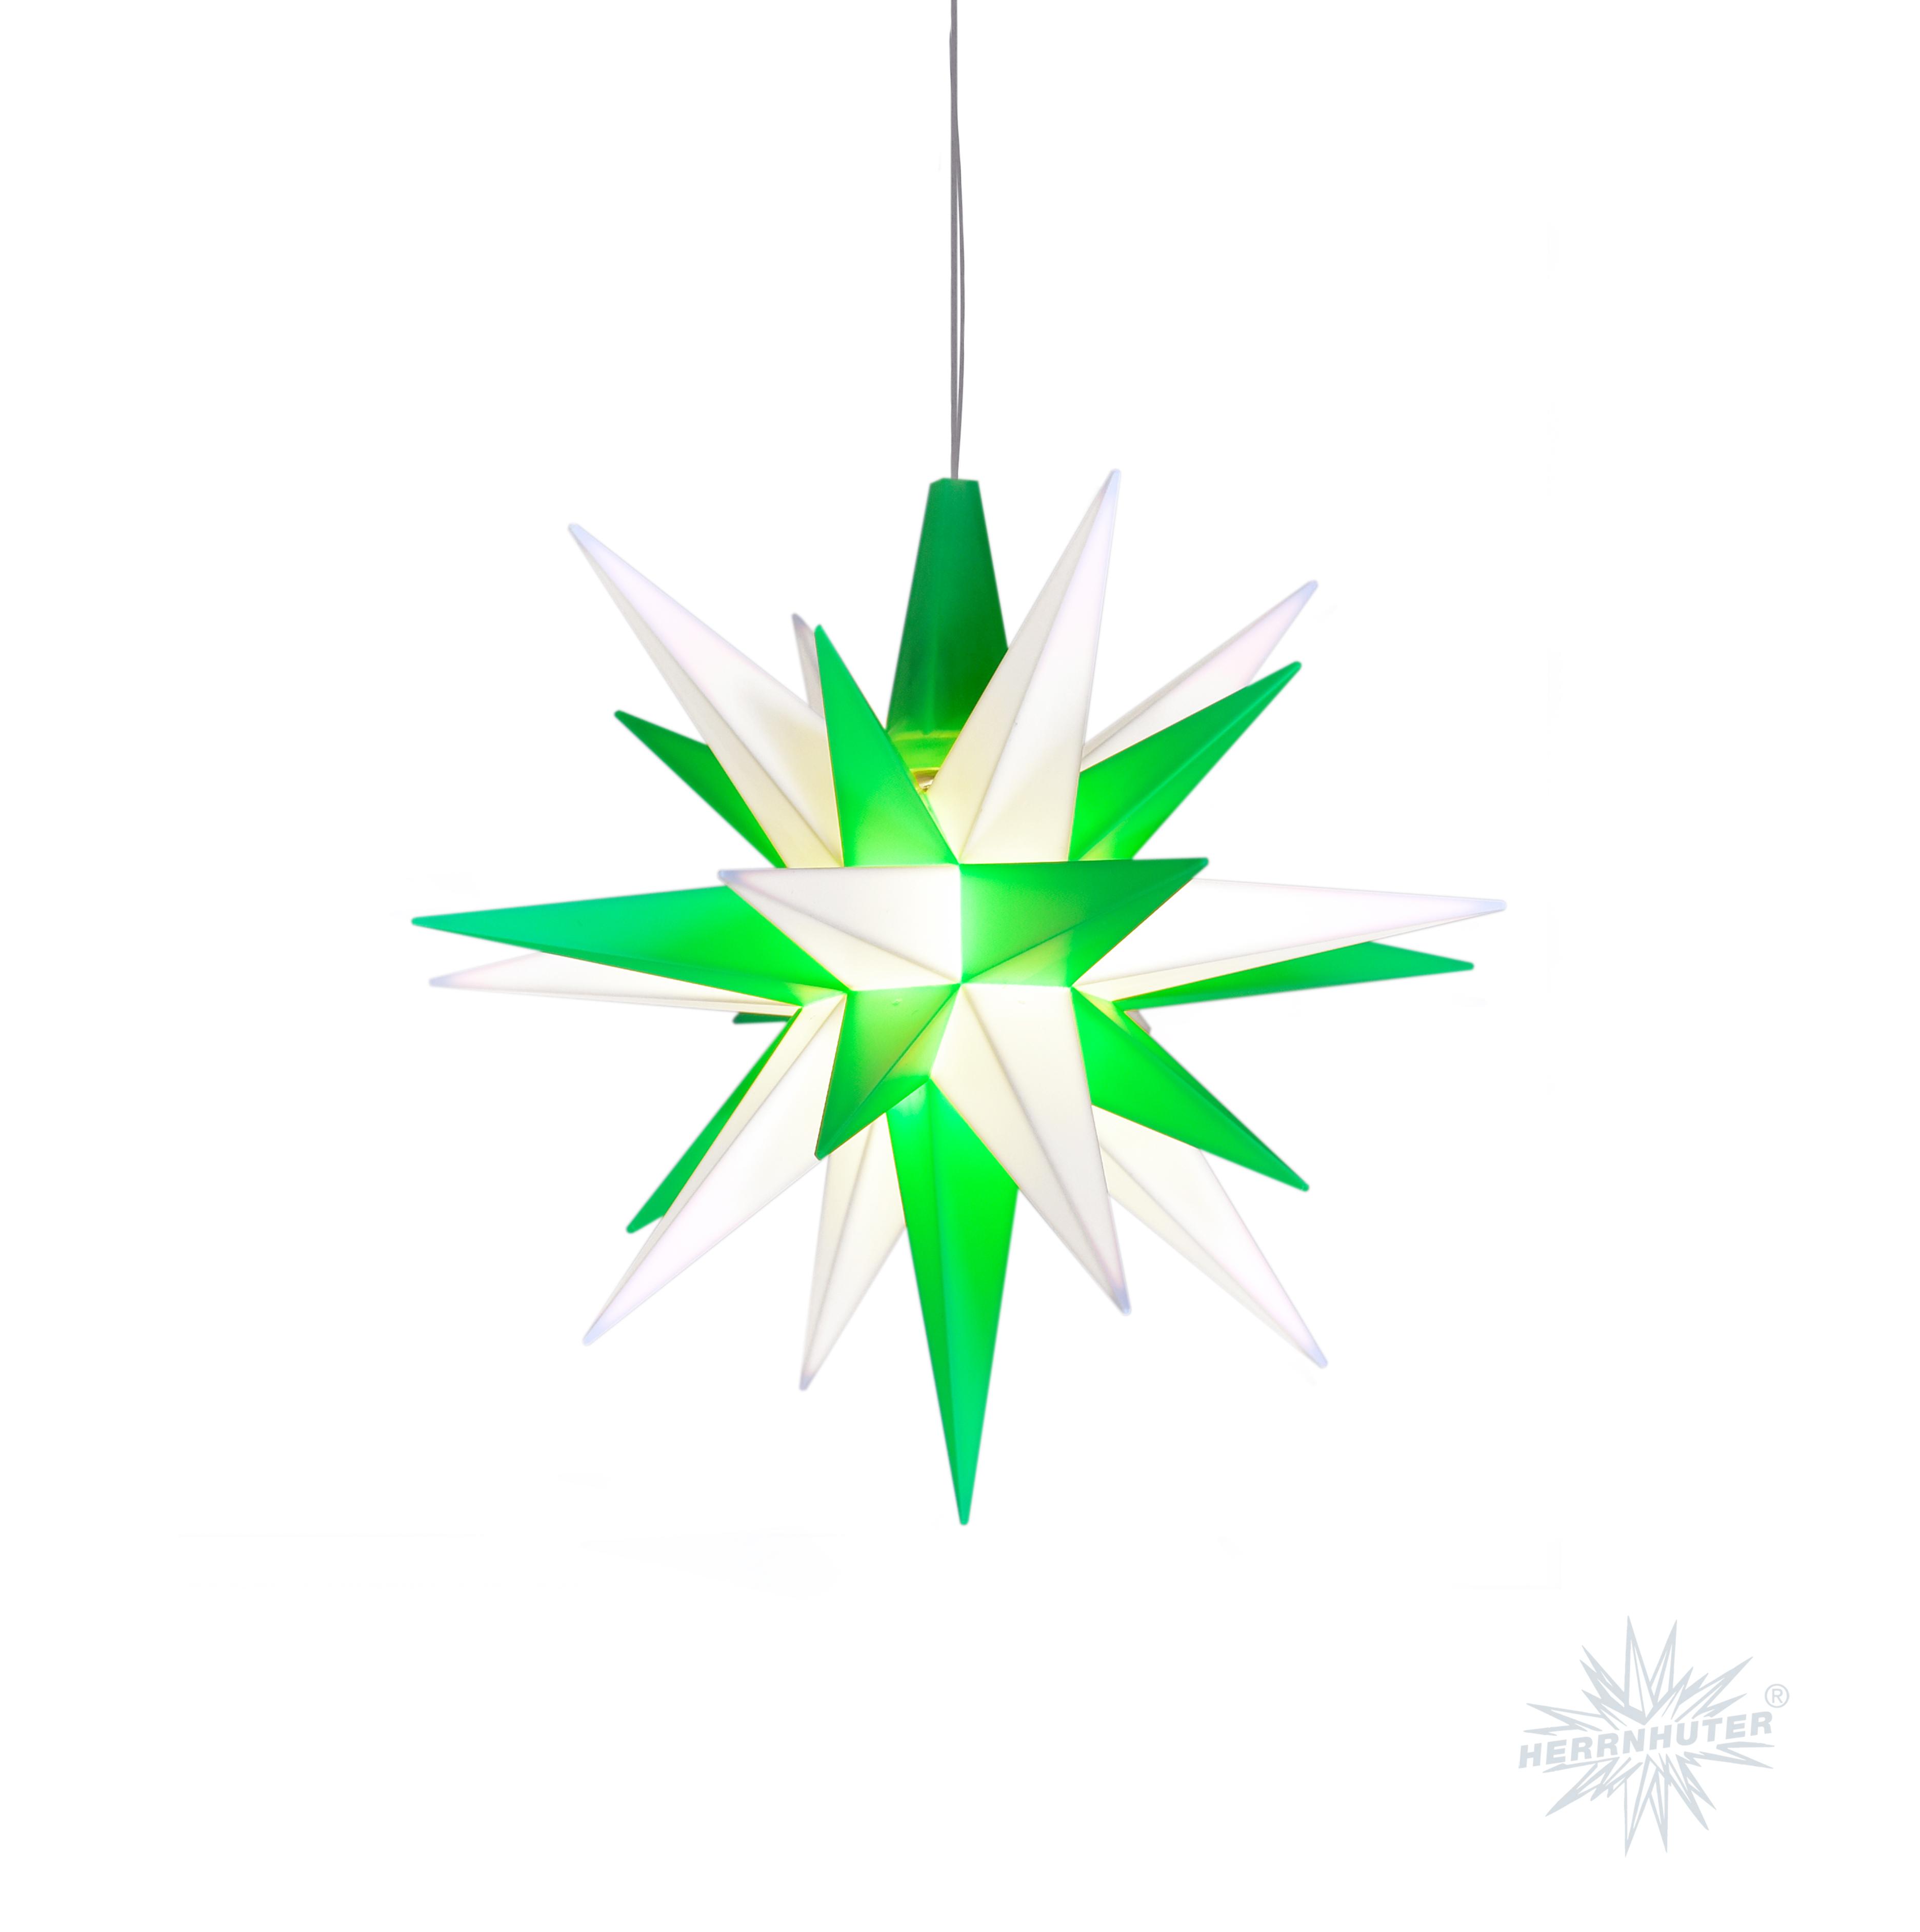 Herrnhuter plastic star 13cm green/white (incl. LED)